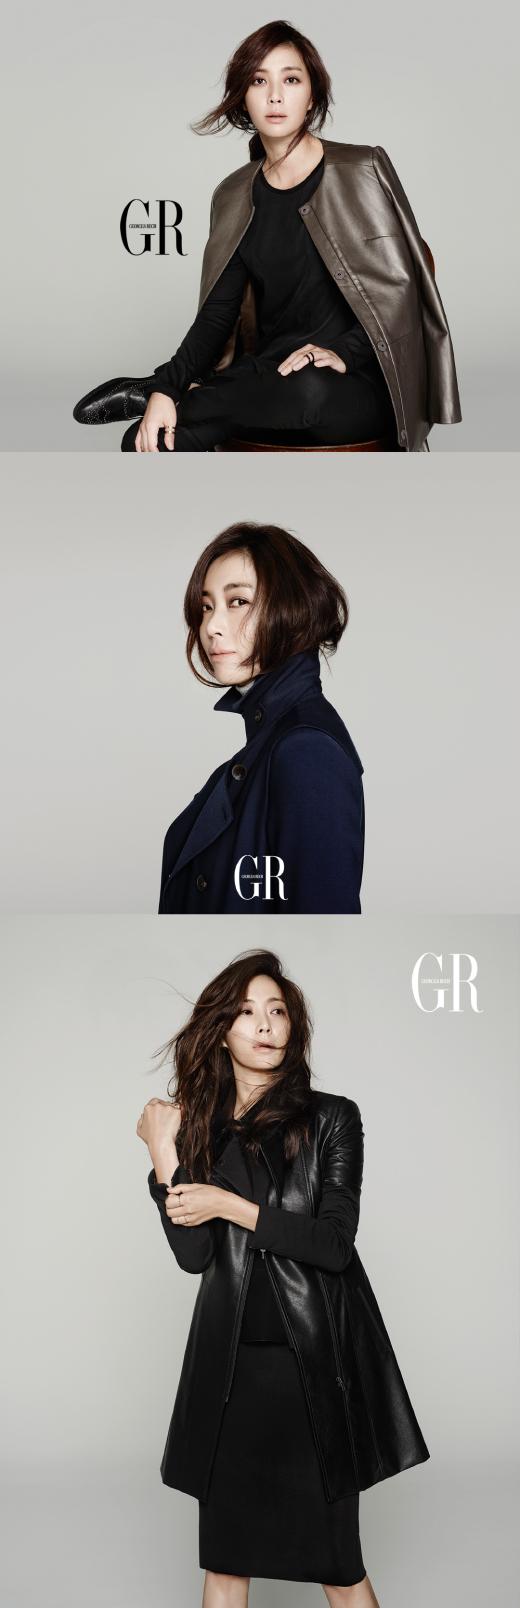 송윤아, '조르쥬 레쉬' 모델 발탁…'젠틀우먼' 스타일 뽐내